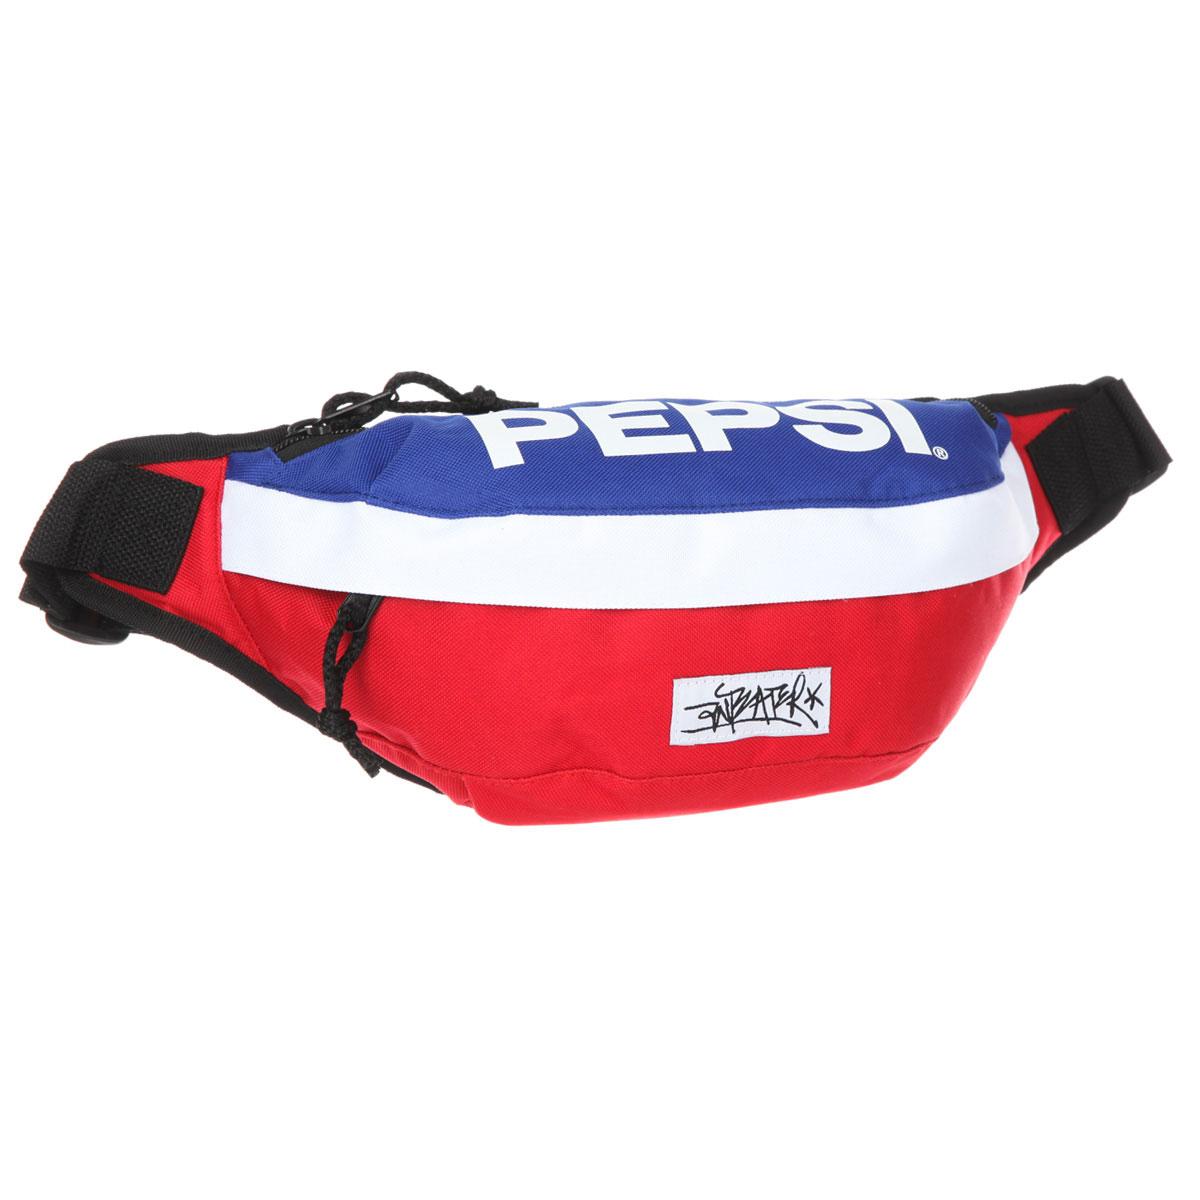 6d069e943fda Купить сумку поясная Anteater Minibag Pepsi в интернет-магазине ...